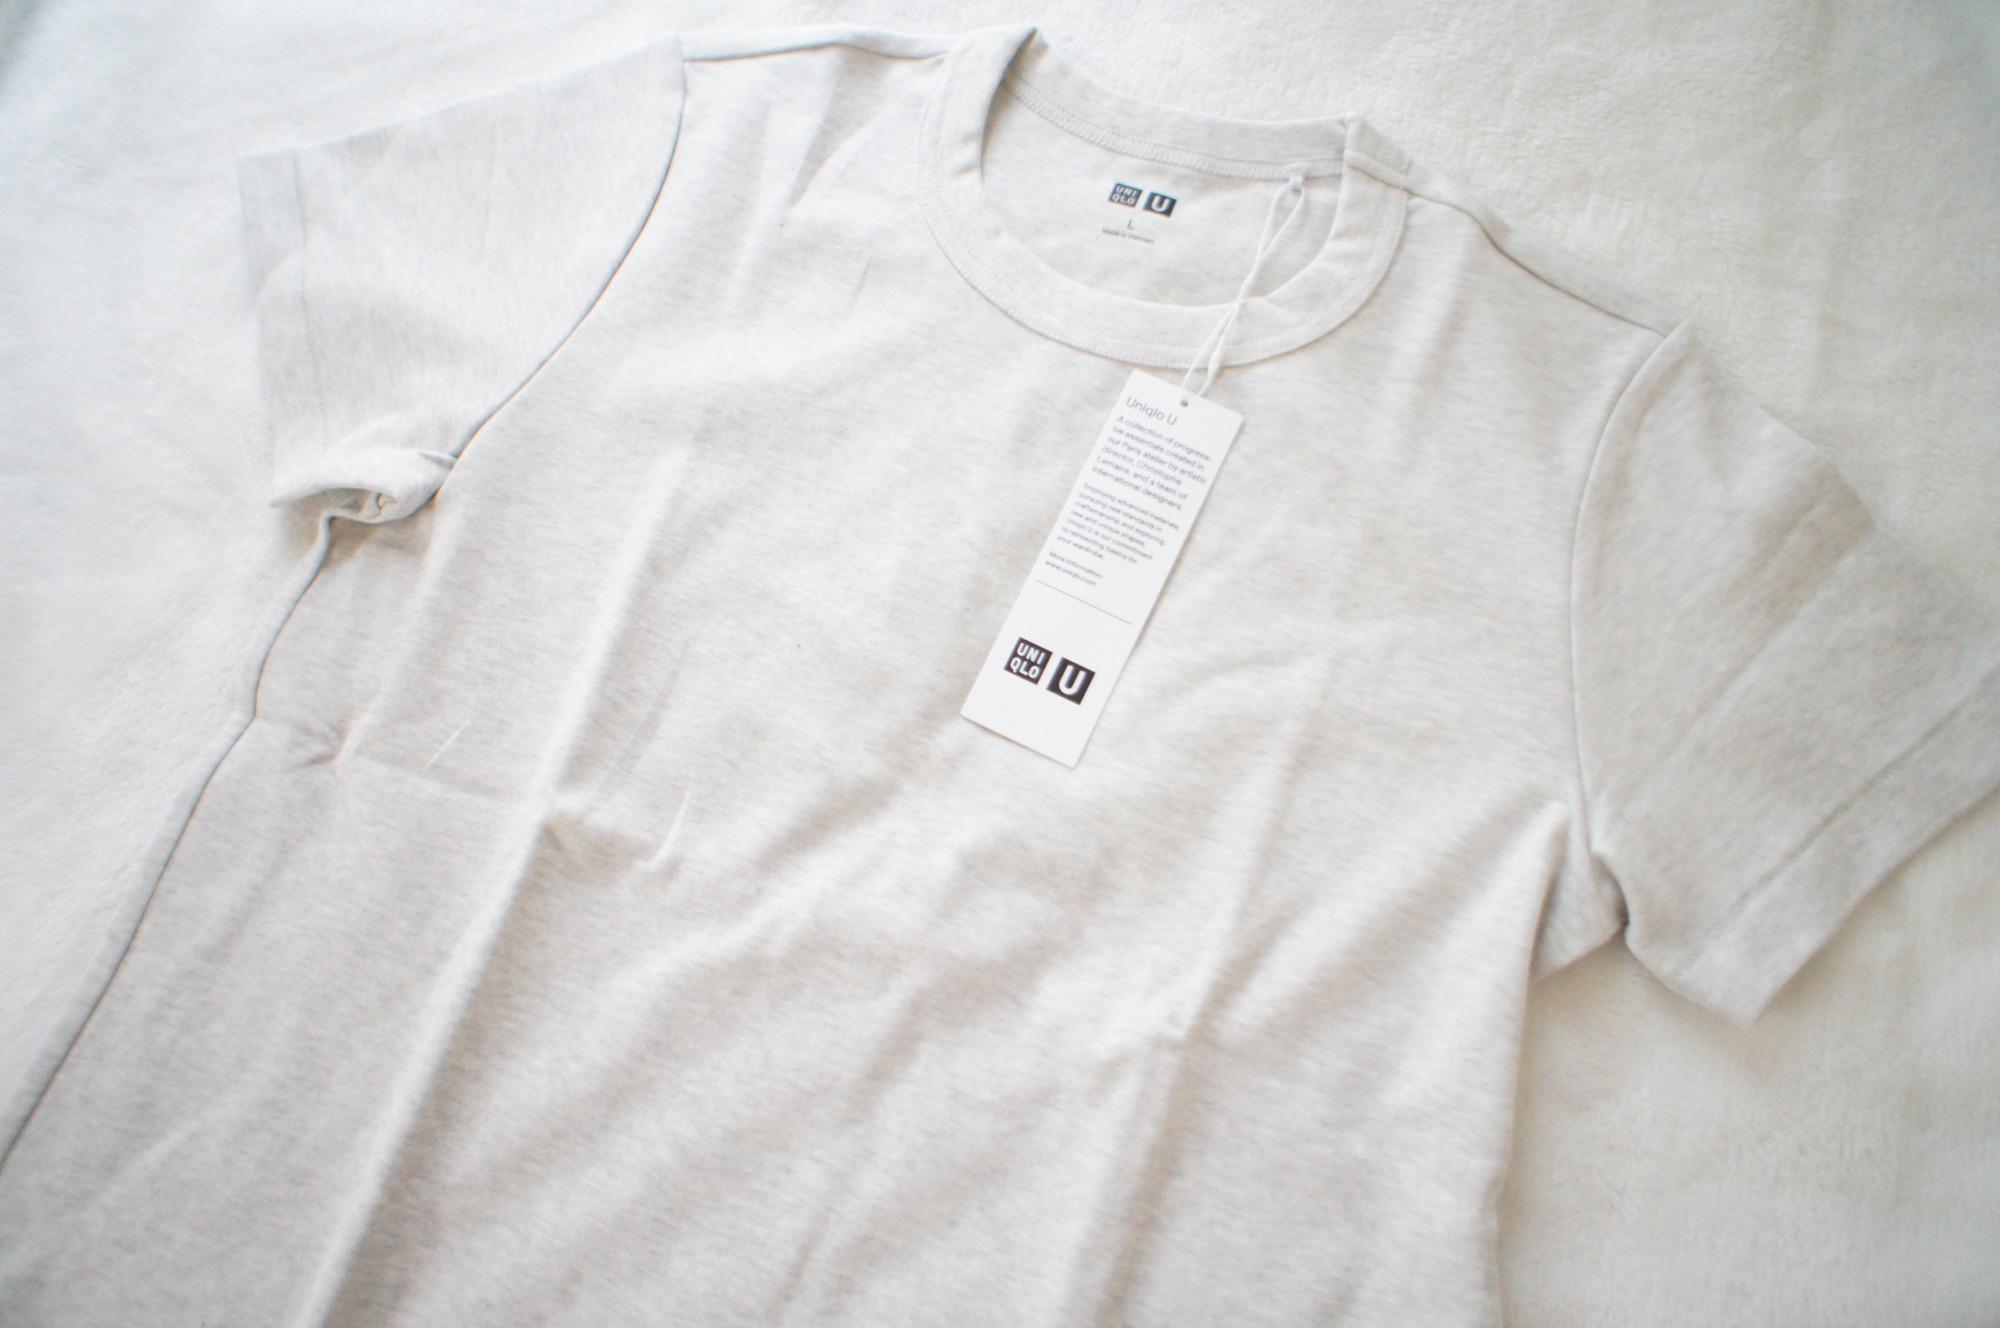 《#170cmトールガール》のプチプラコーデ❤️【Uniqlo U】の大人気Tシャツ!買い足すなら◯◯カラーがおすすめ❤︎☝︎_1